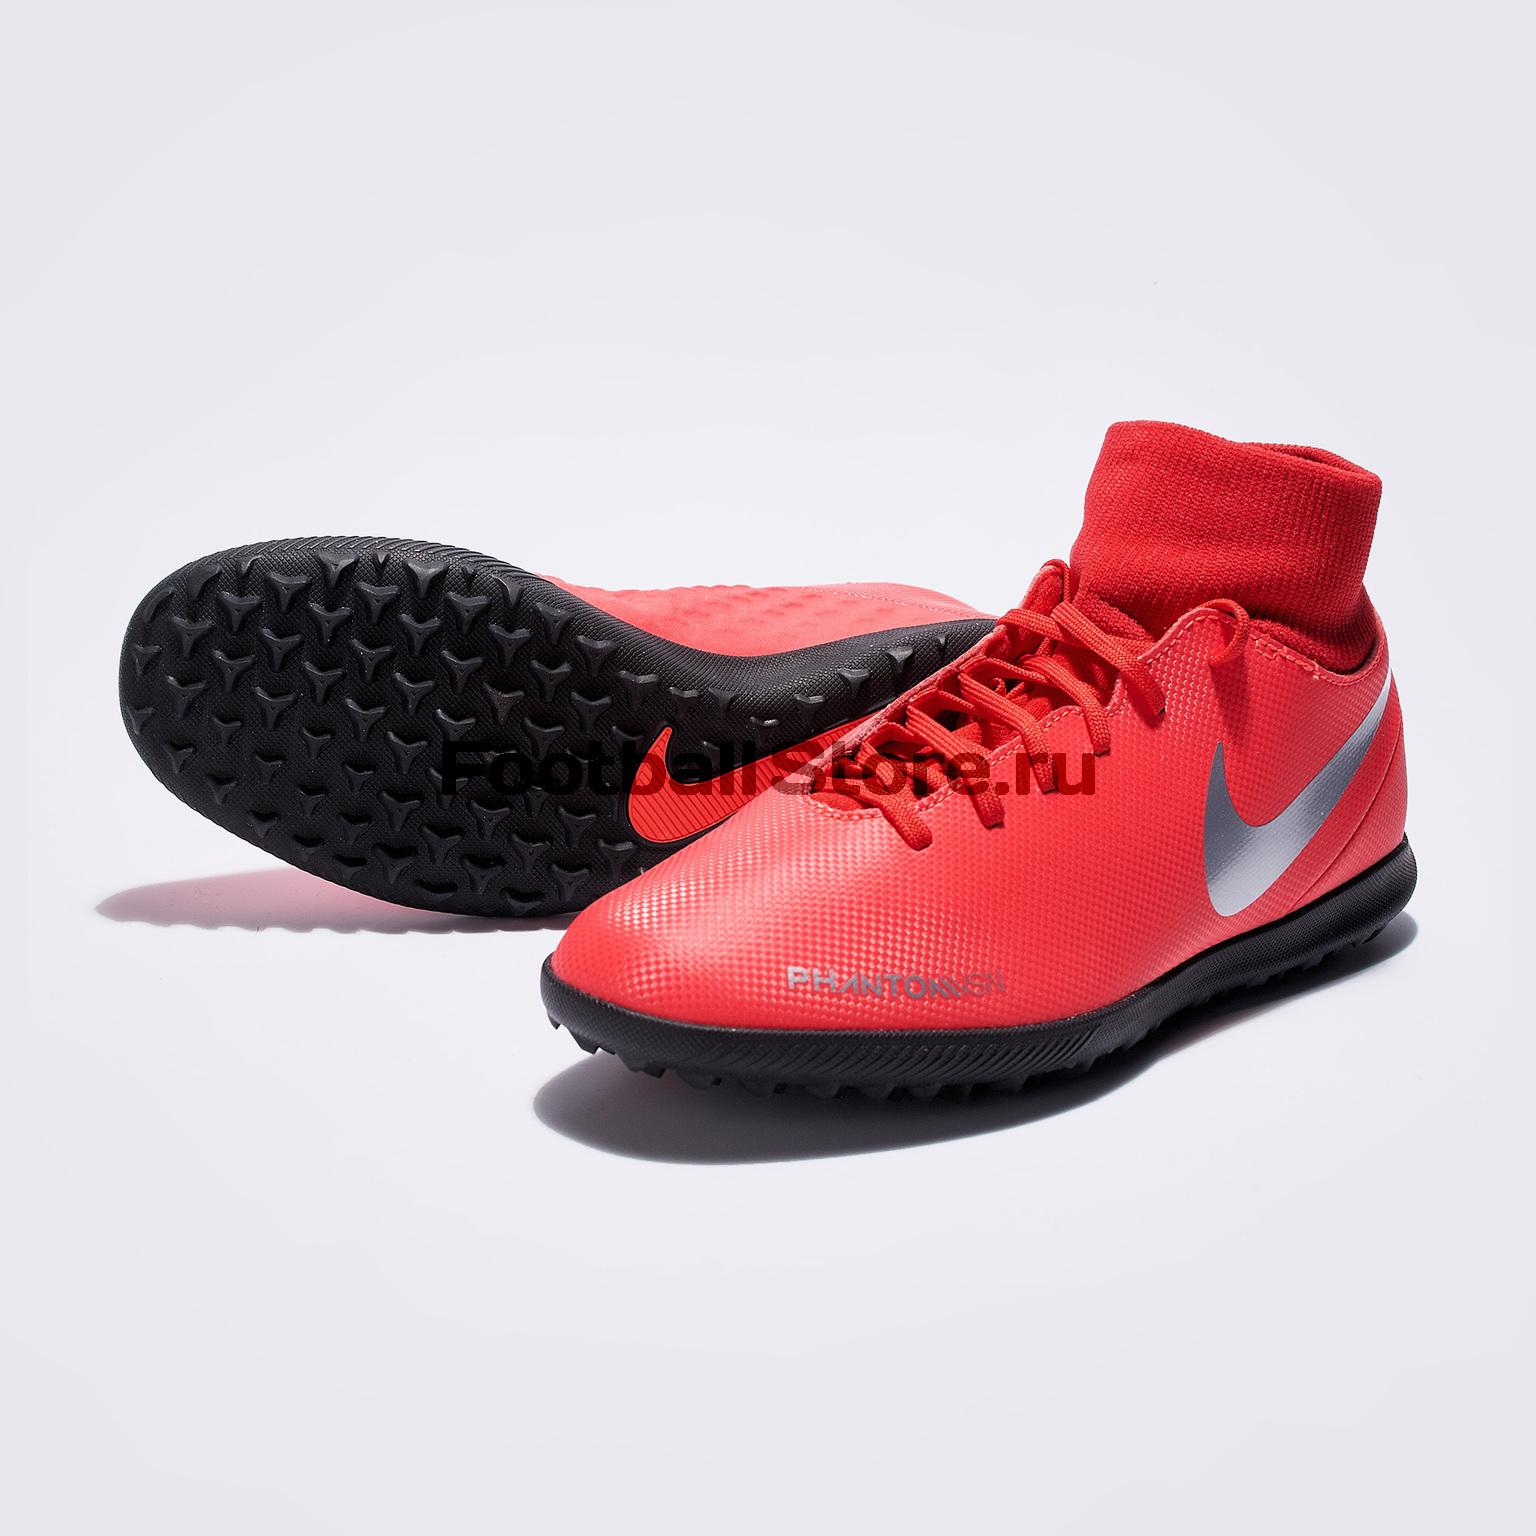 Шиповки Nike Phantom Vision Club DF TF AO3273-600 цена